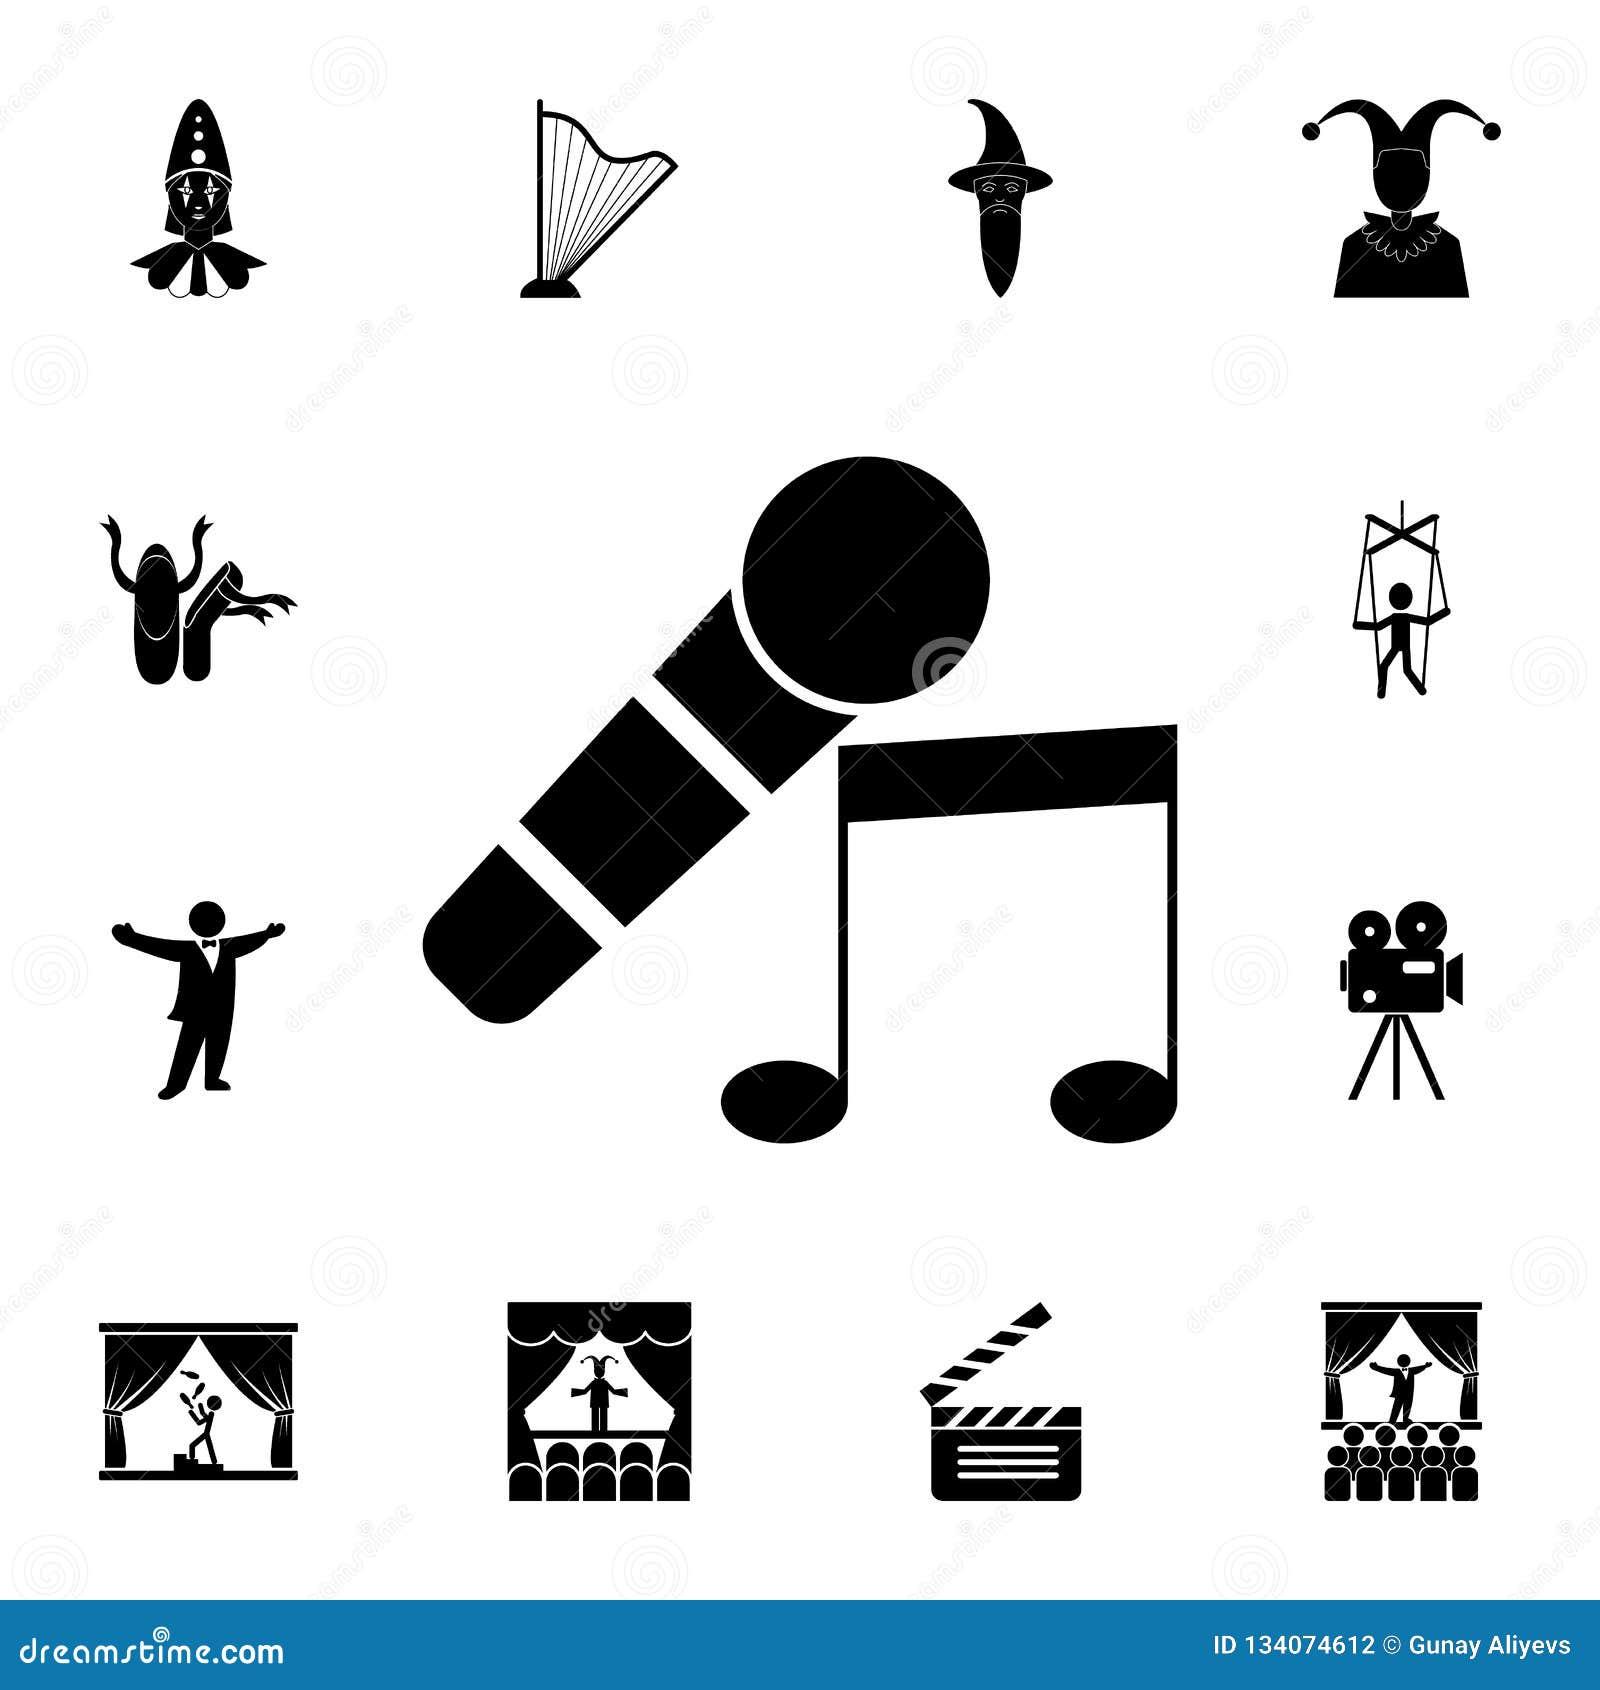 μικρόφωνο και μουσικό εικονίδιο σημειώσεων Λεπτομερές σύνολο εικονιδίων θεάτρων Γραφικό σχέδιο ασφαλίστρου Ένα από τα εικονίδια σ